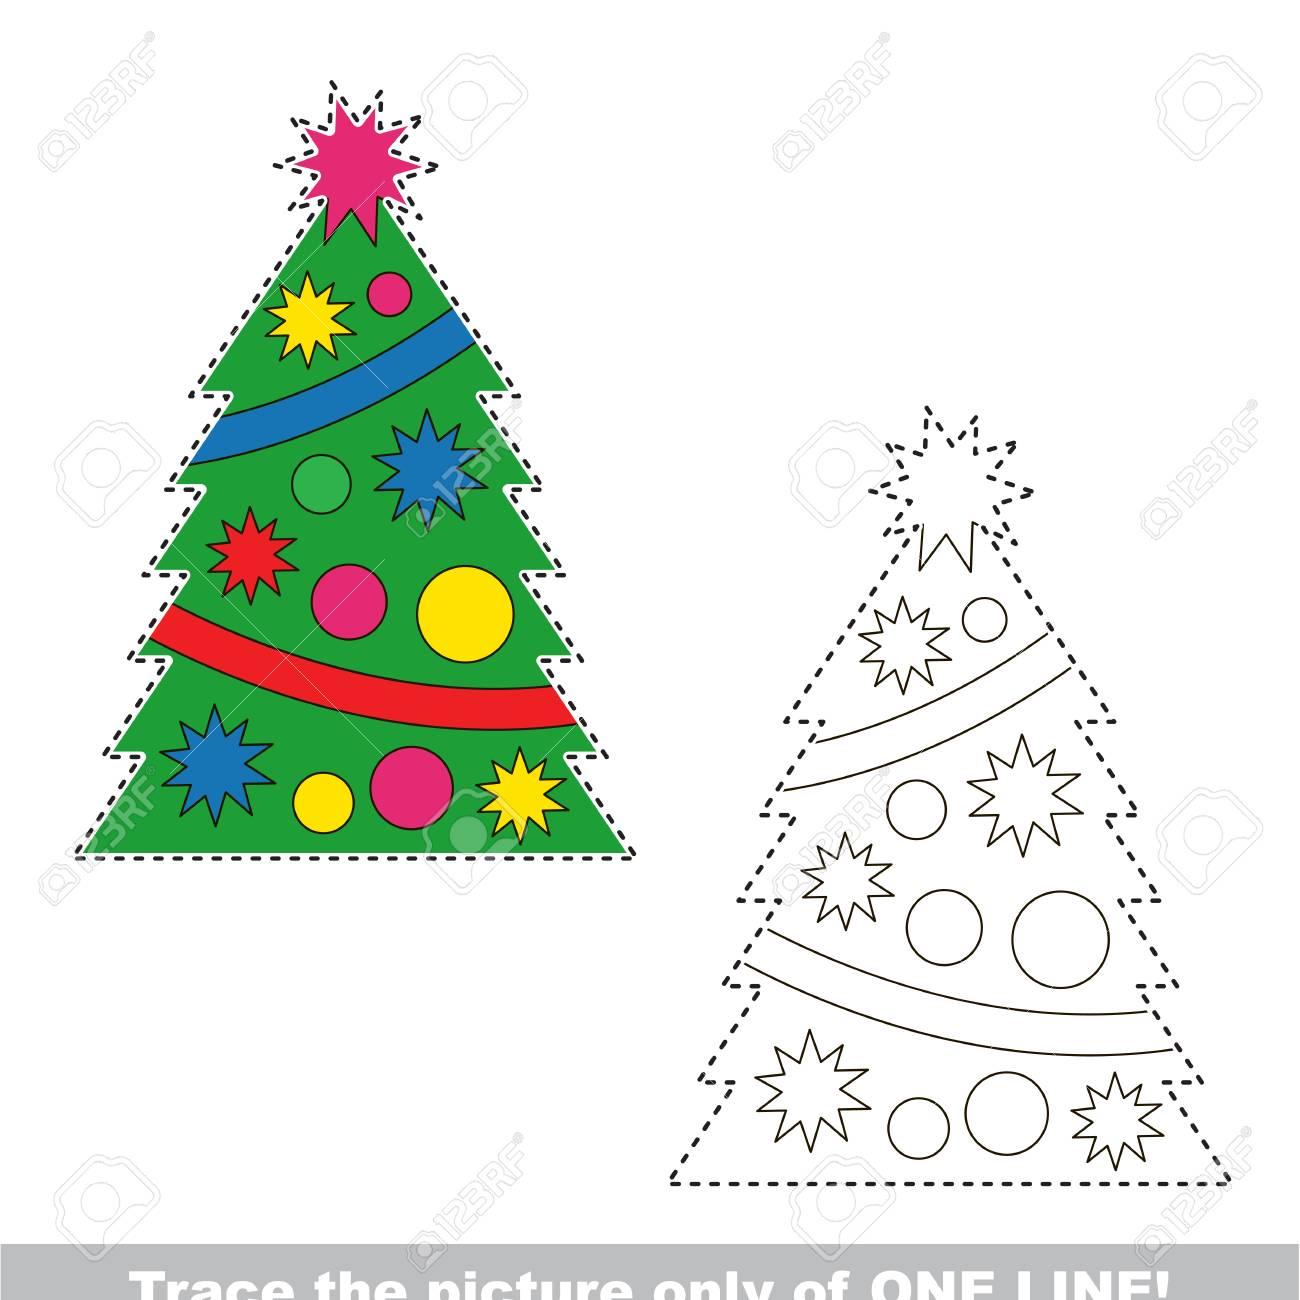 Rbol De Navidad De Ano Nuevo Que Se Remonta Solo A Una Linea El